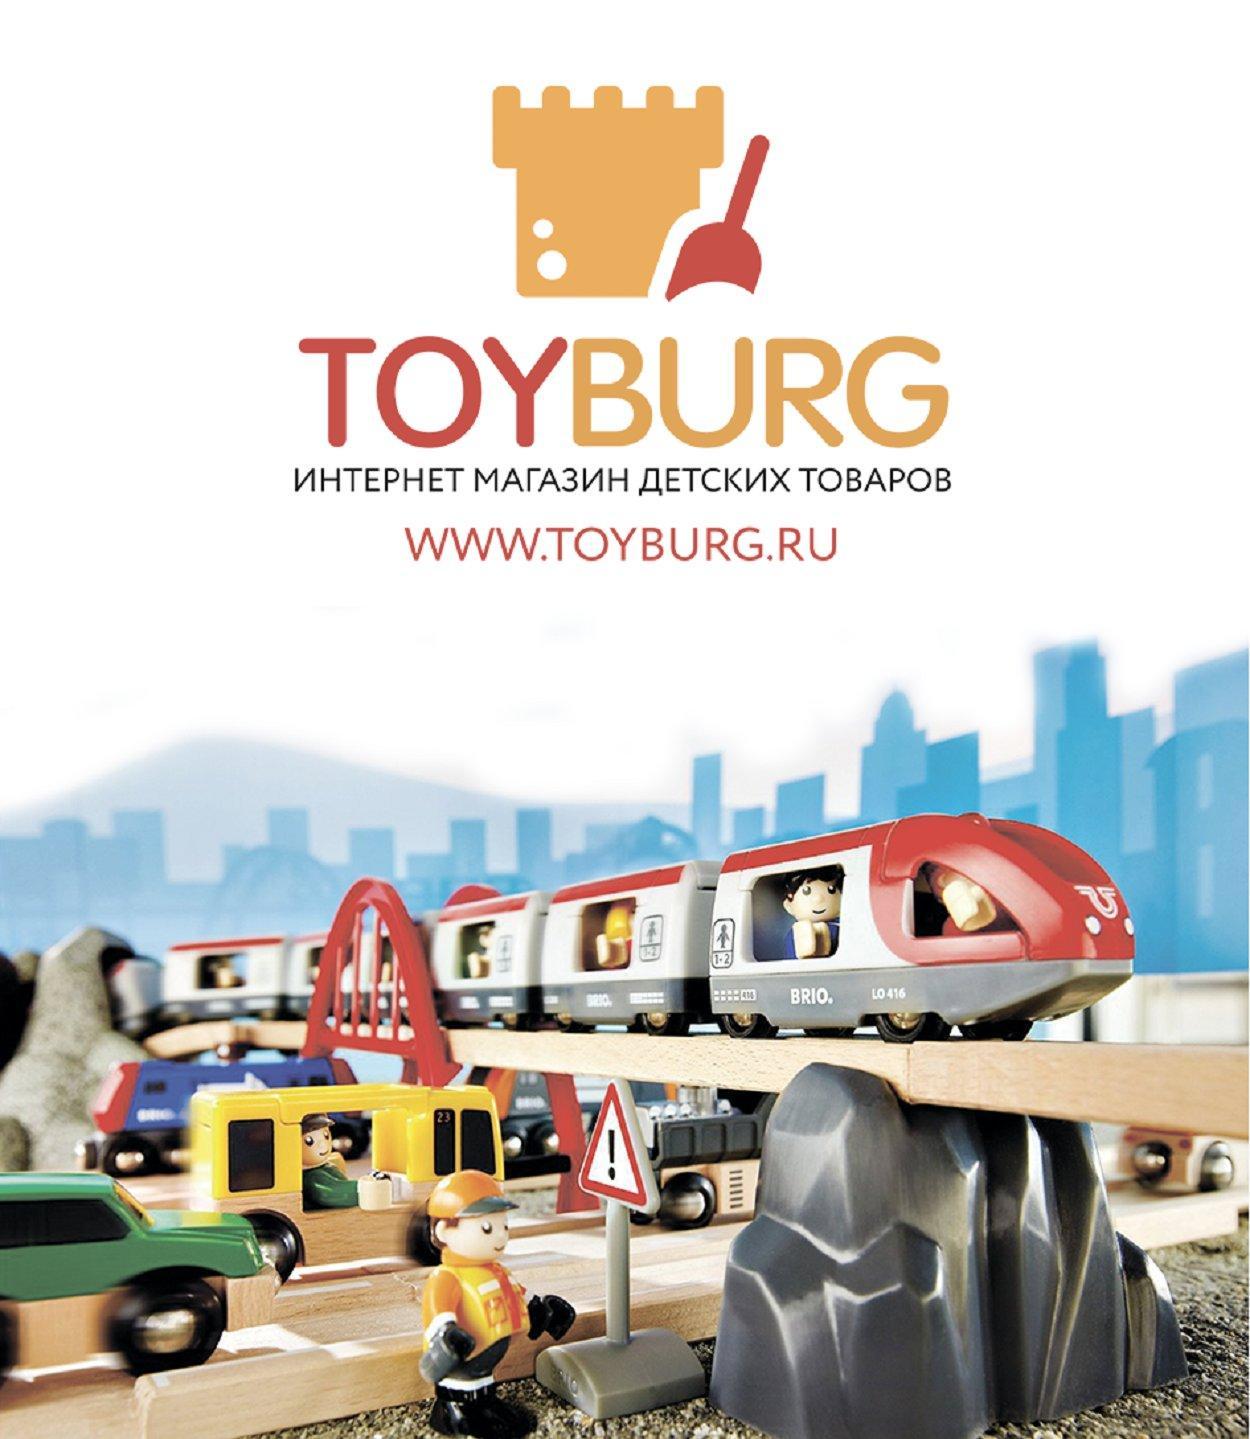 фотография Магазина игрушек ТойБург в ТЦ Мегаполис